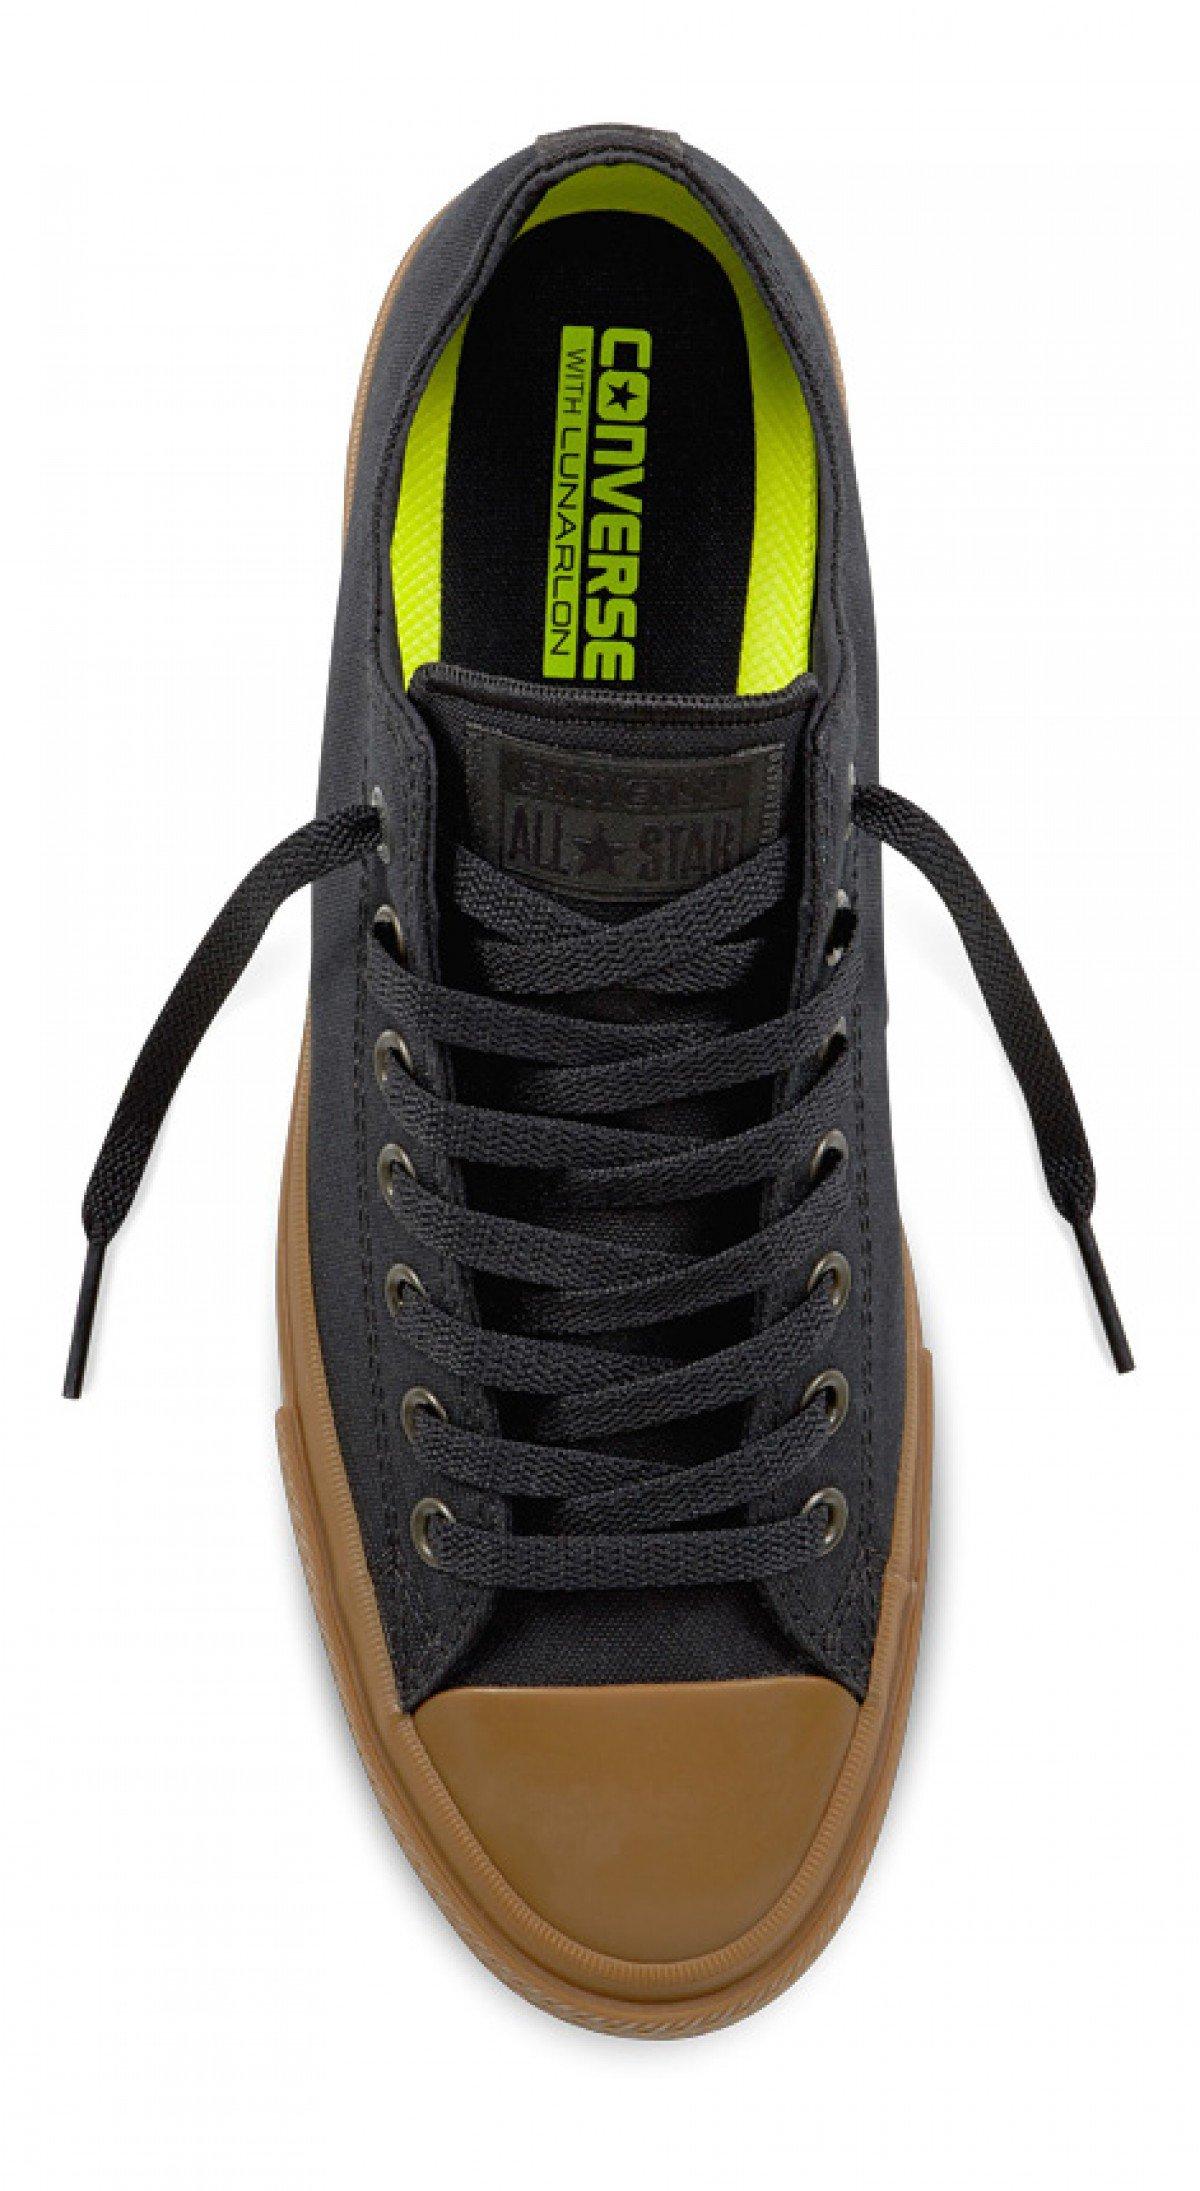 Converse-Chuck-Taylor-II-Low-Top-Black-Black-Gum-Sale-Converse-Men-Shoes-J18w7911-176_1_LRG